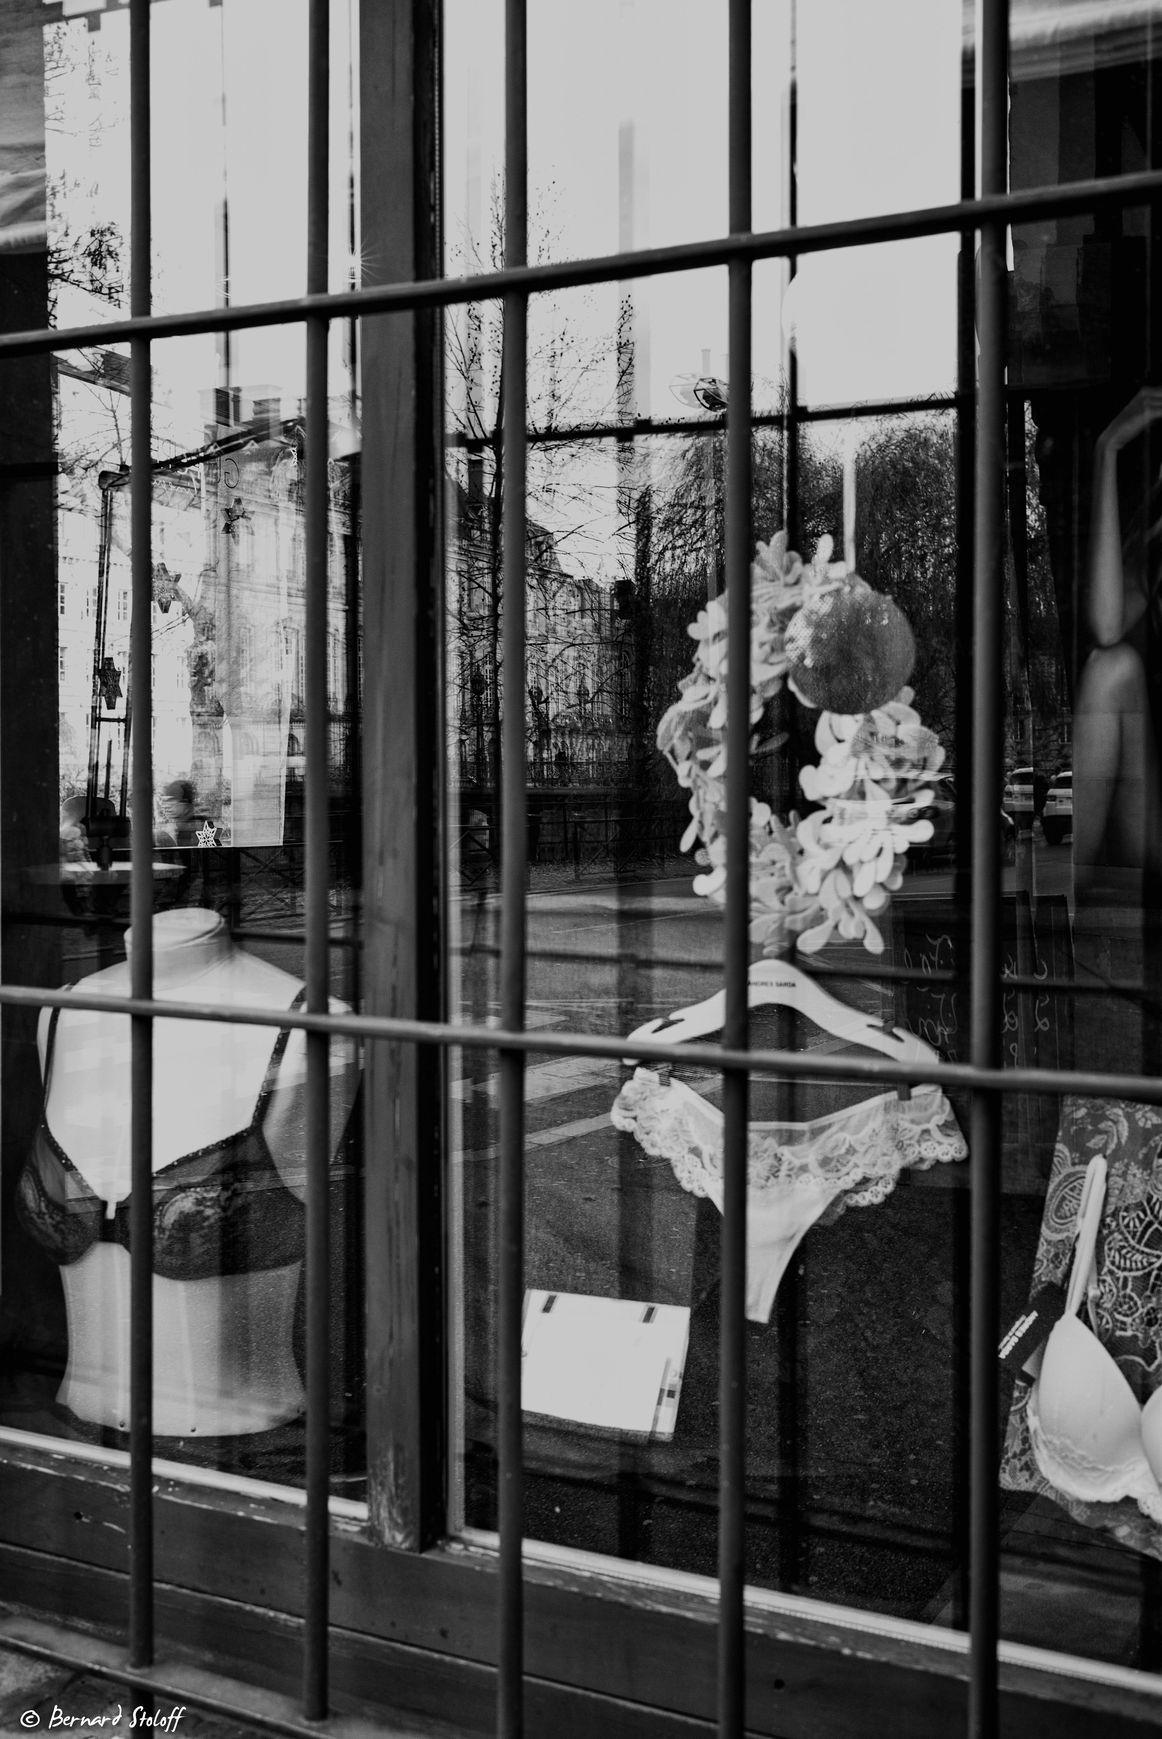 PHOTGRAPHIER LE MAGASIN DE LINGERIE, QUAI DES BATELIERS, STRASBOURG, ALSSACE